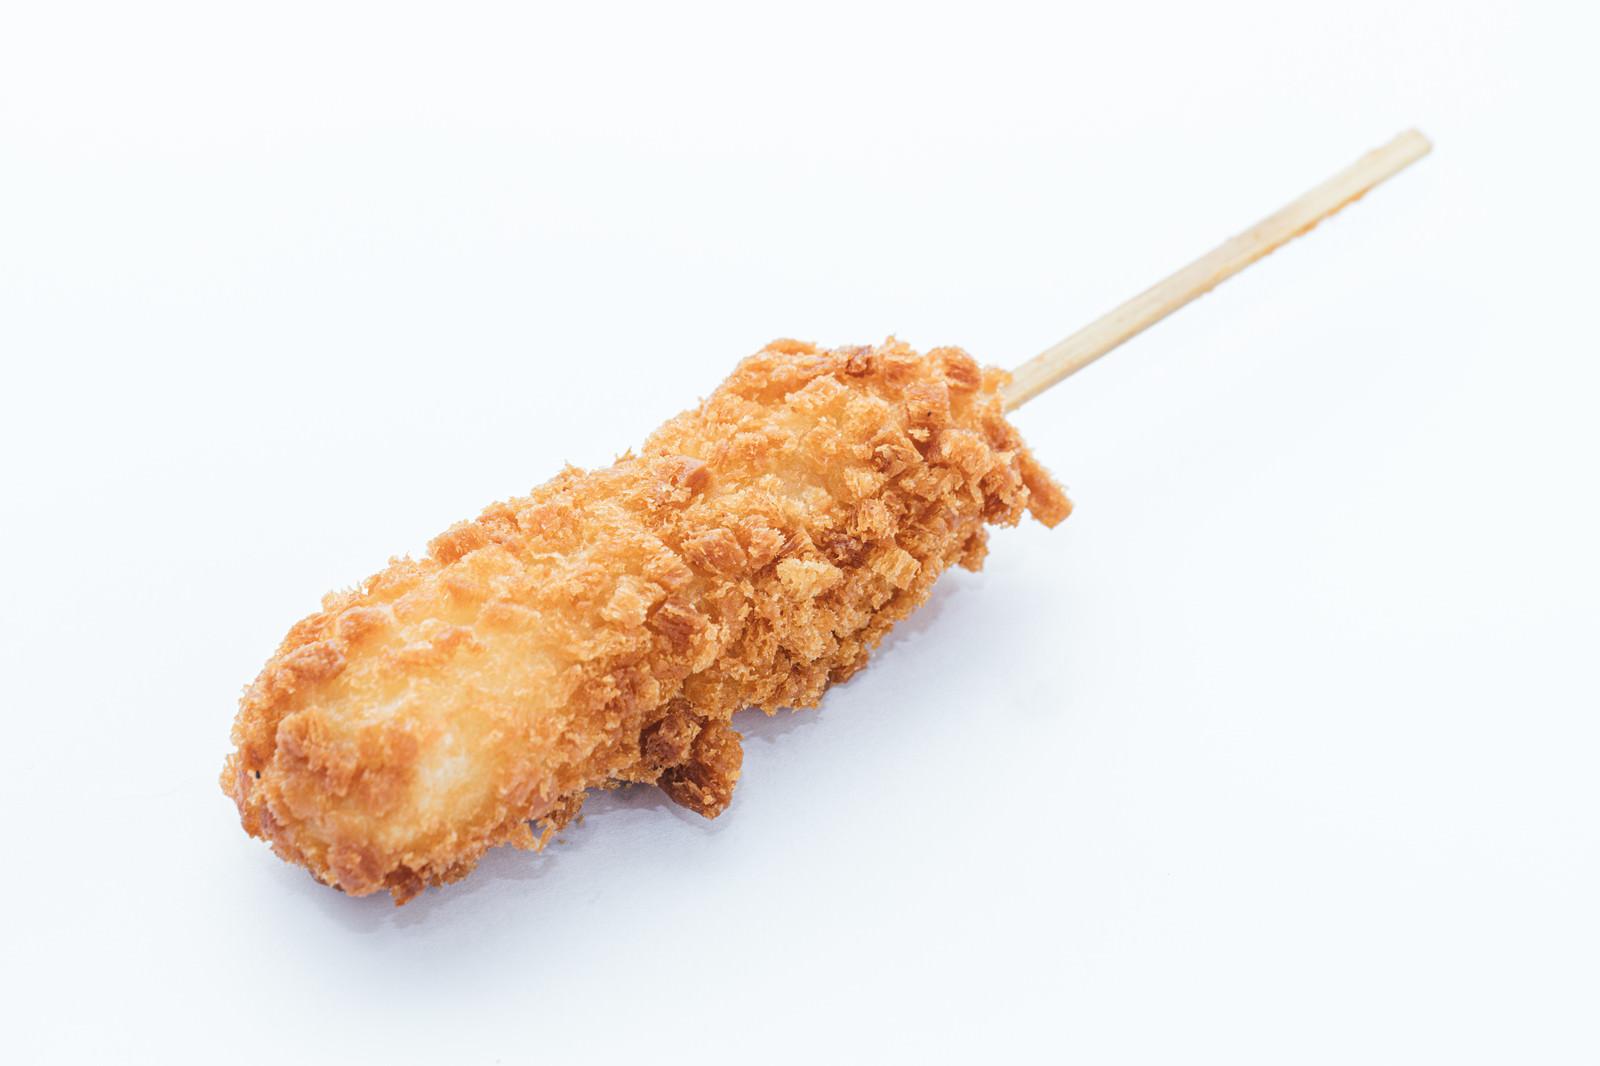 「カリカリのチーズドッグ」の写真